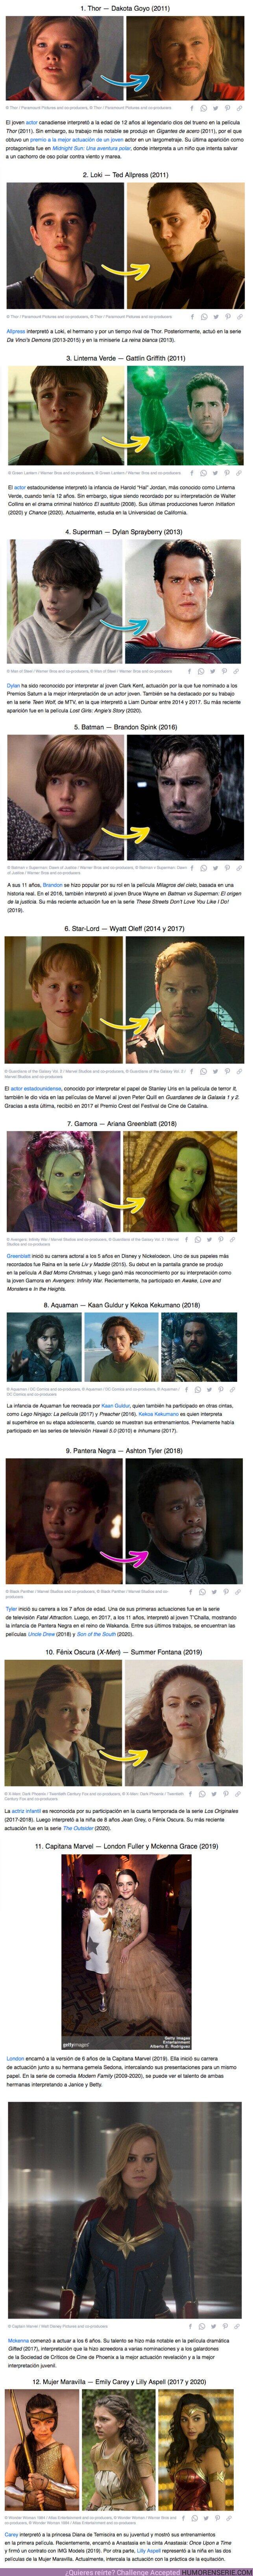 65296 - GALERÍA: 15 Actores infantiles que sorprendieron por su parecido con la versión adulta de los superhéroes